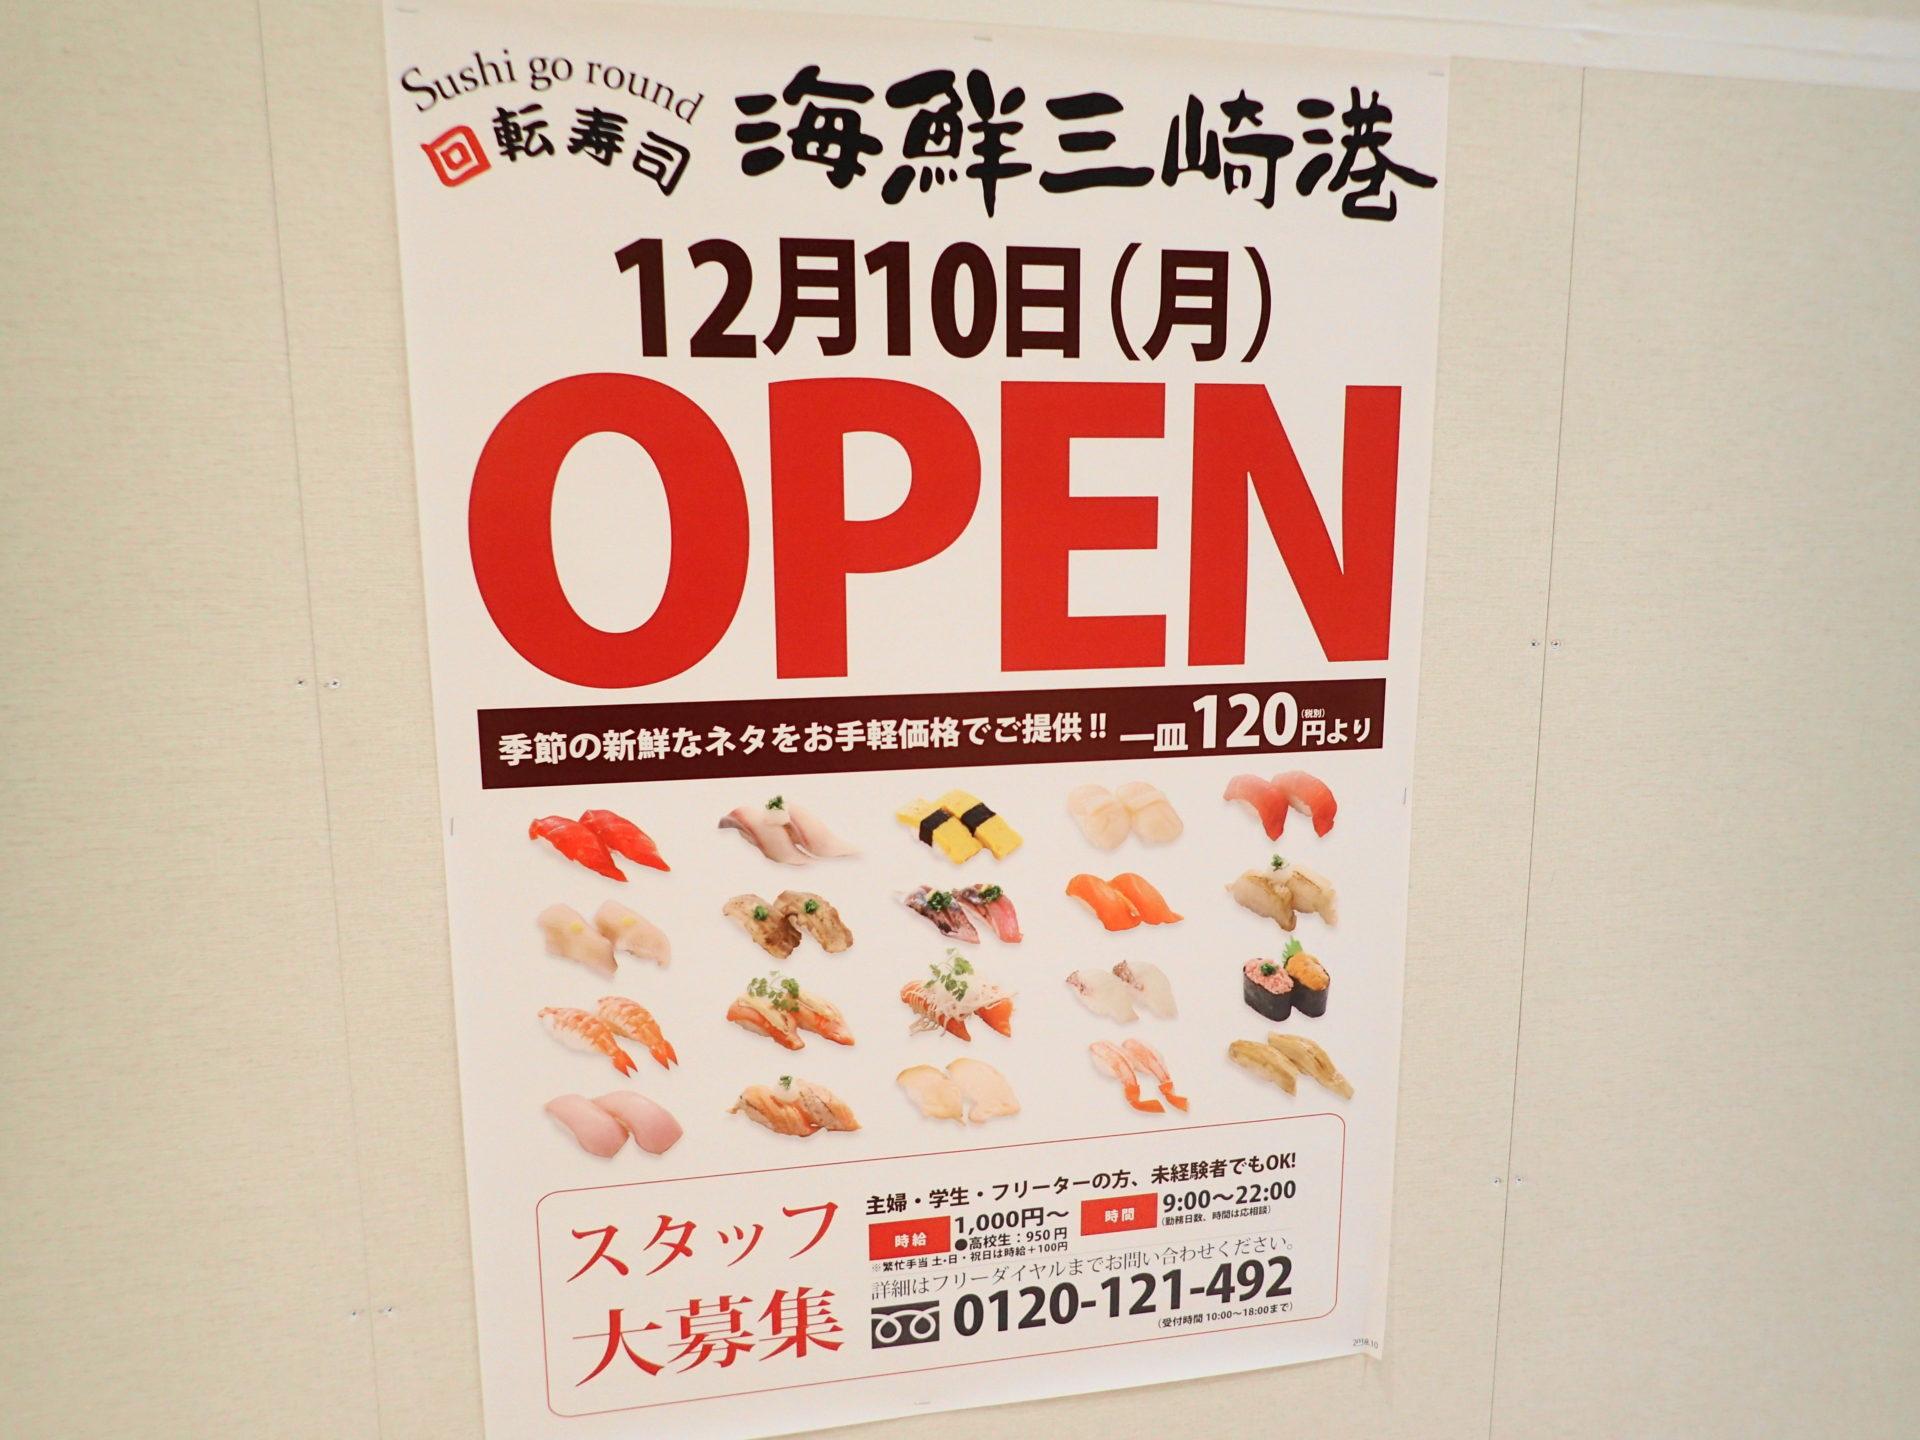 水戸イオンに海鮮三崎港って回転寿司が12月10日オープン - いばらじお♪